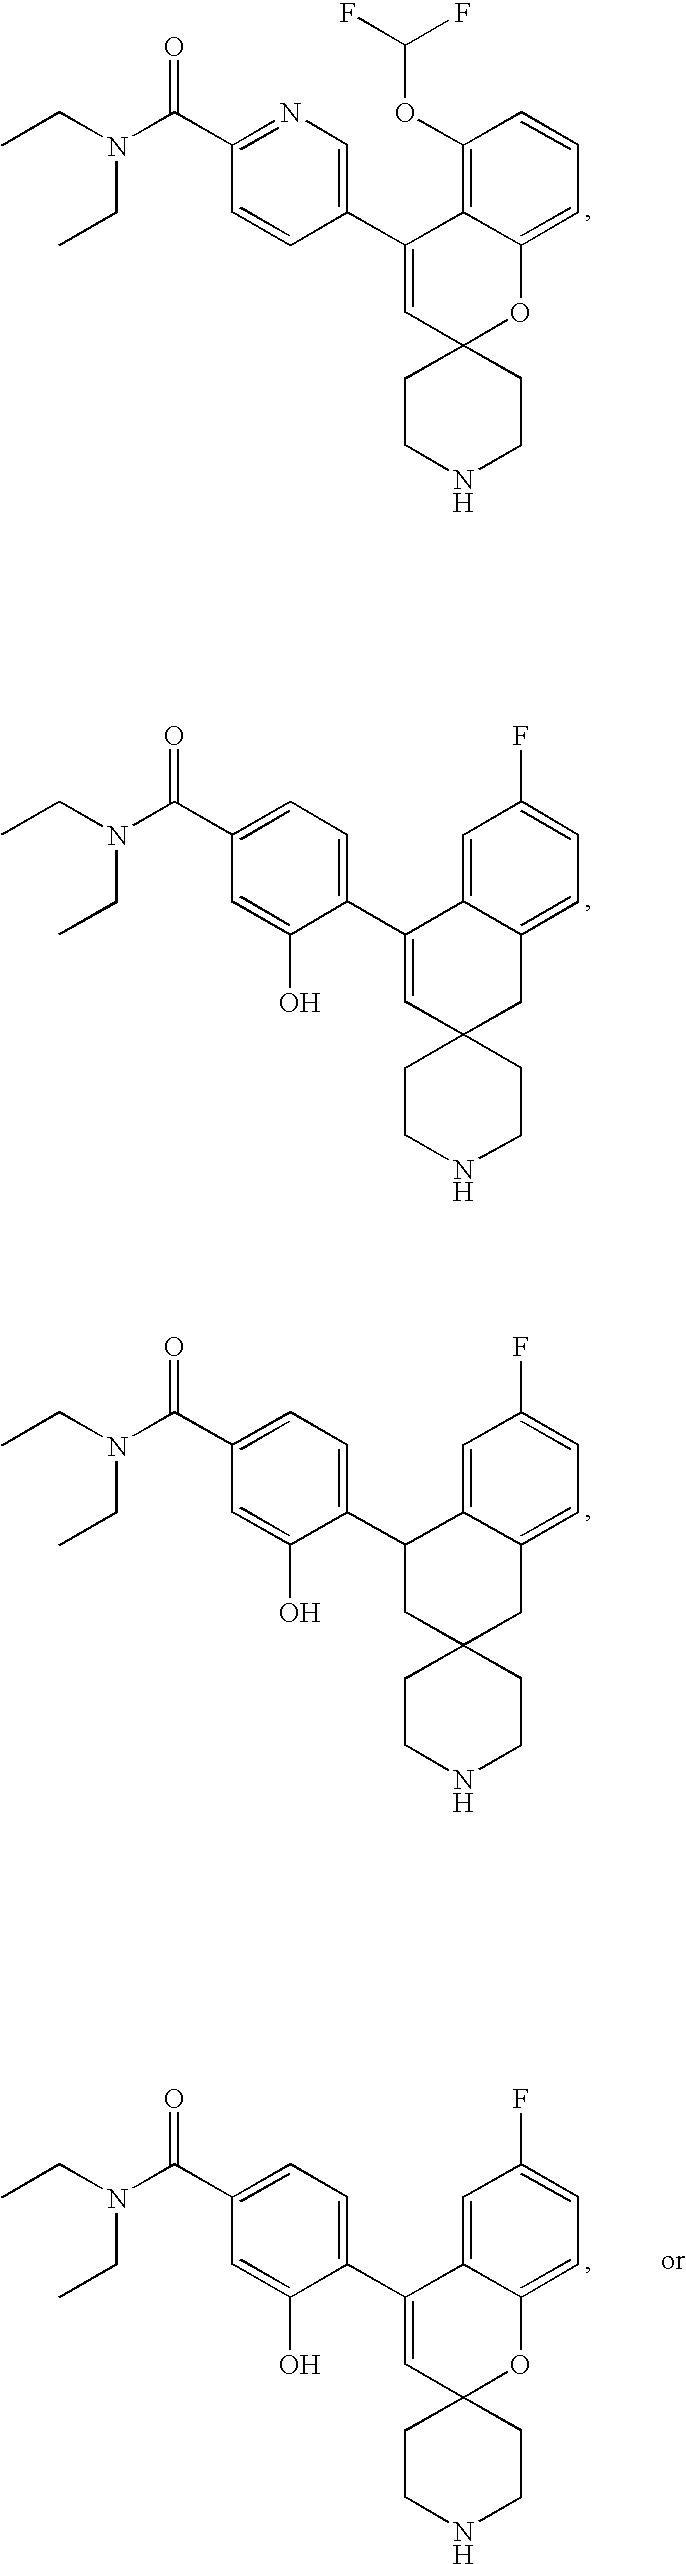 Figure US07598261-20091006-C00094